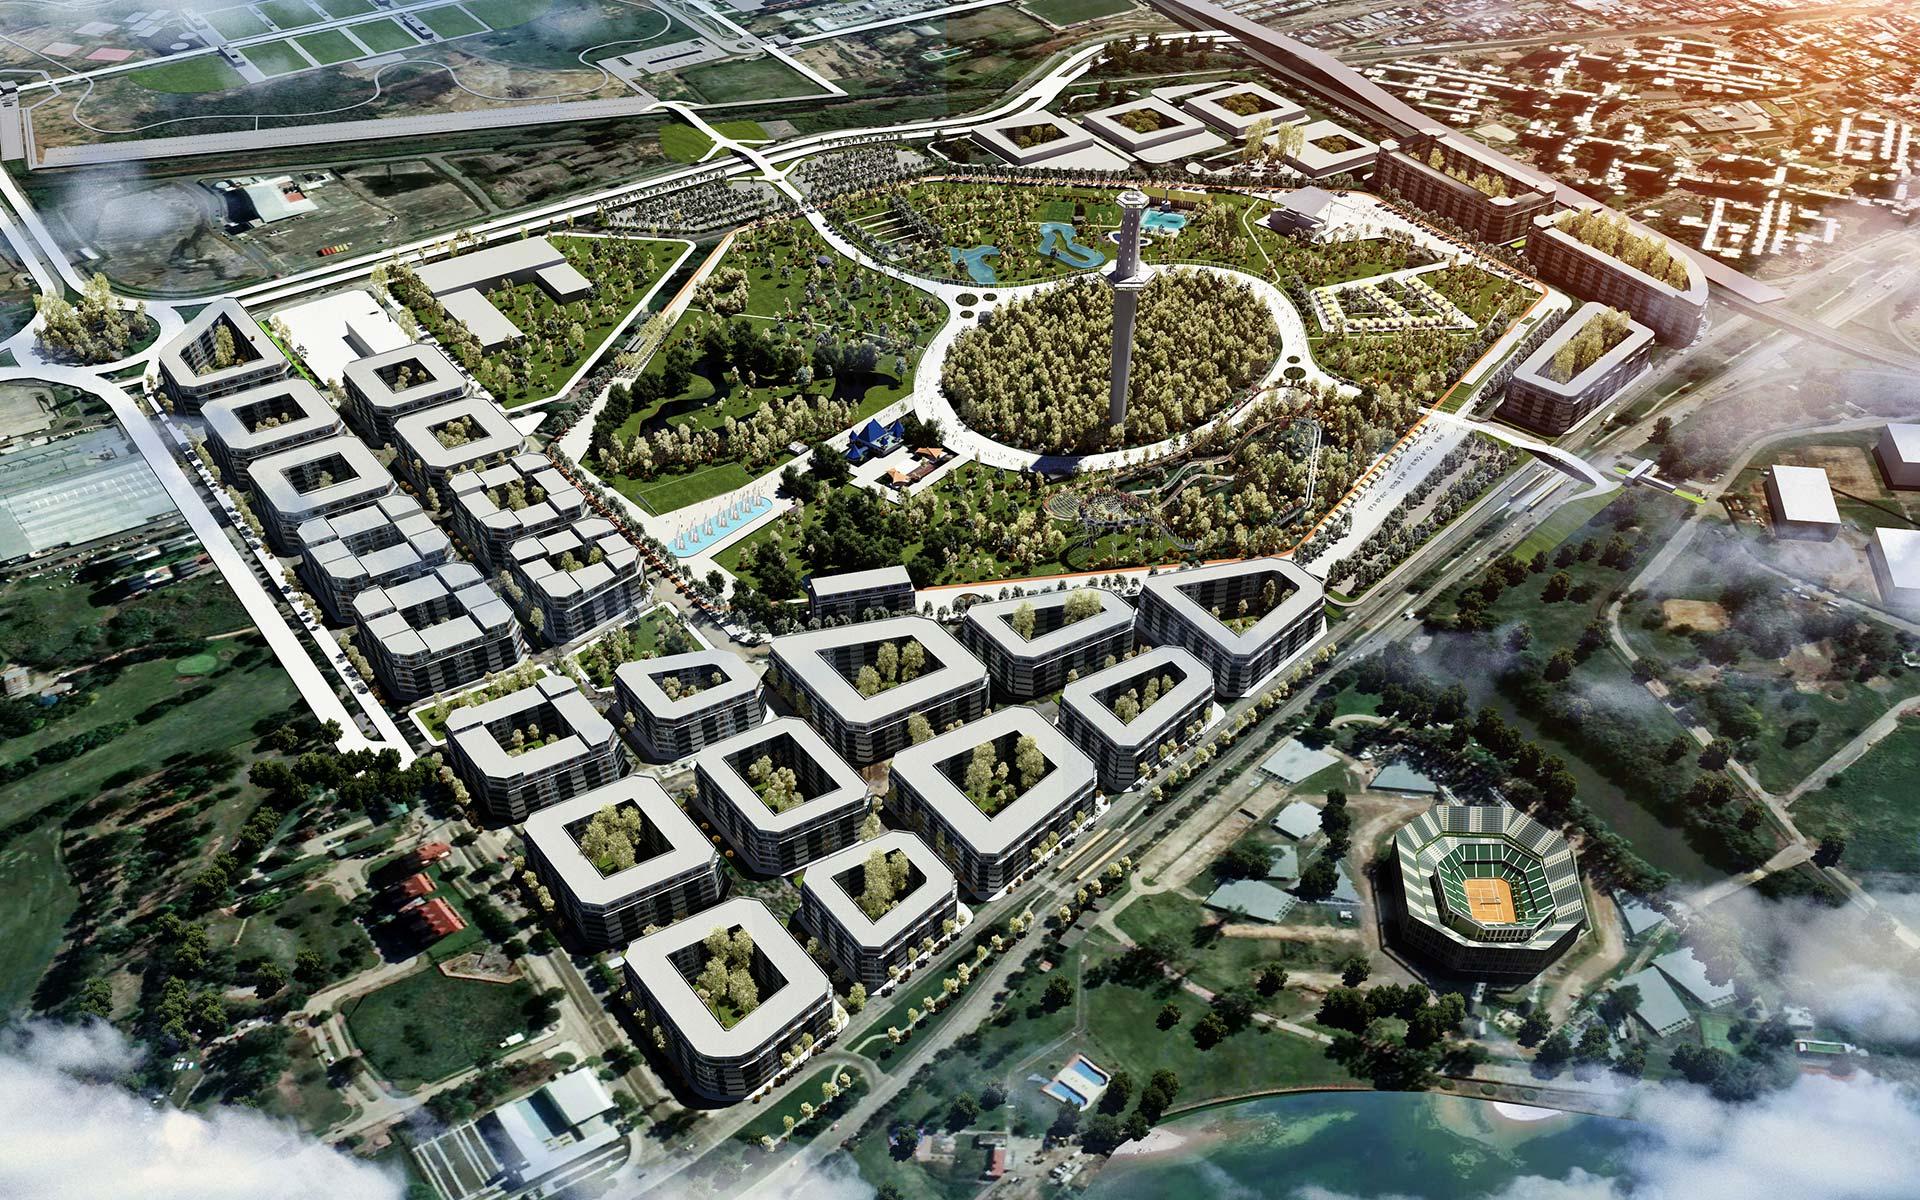 Arquitectura y Paisaje Premio Parque de la Ciudad Imagen aerea del parque de la ciudad como conector con los parques indoamericano y roca